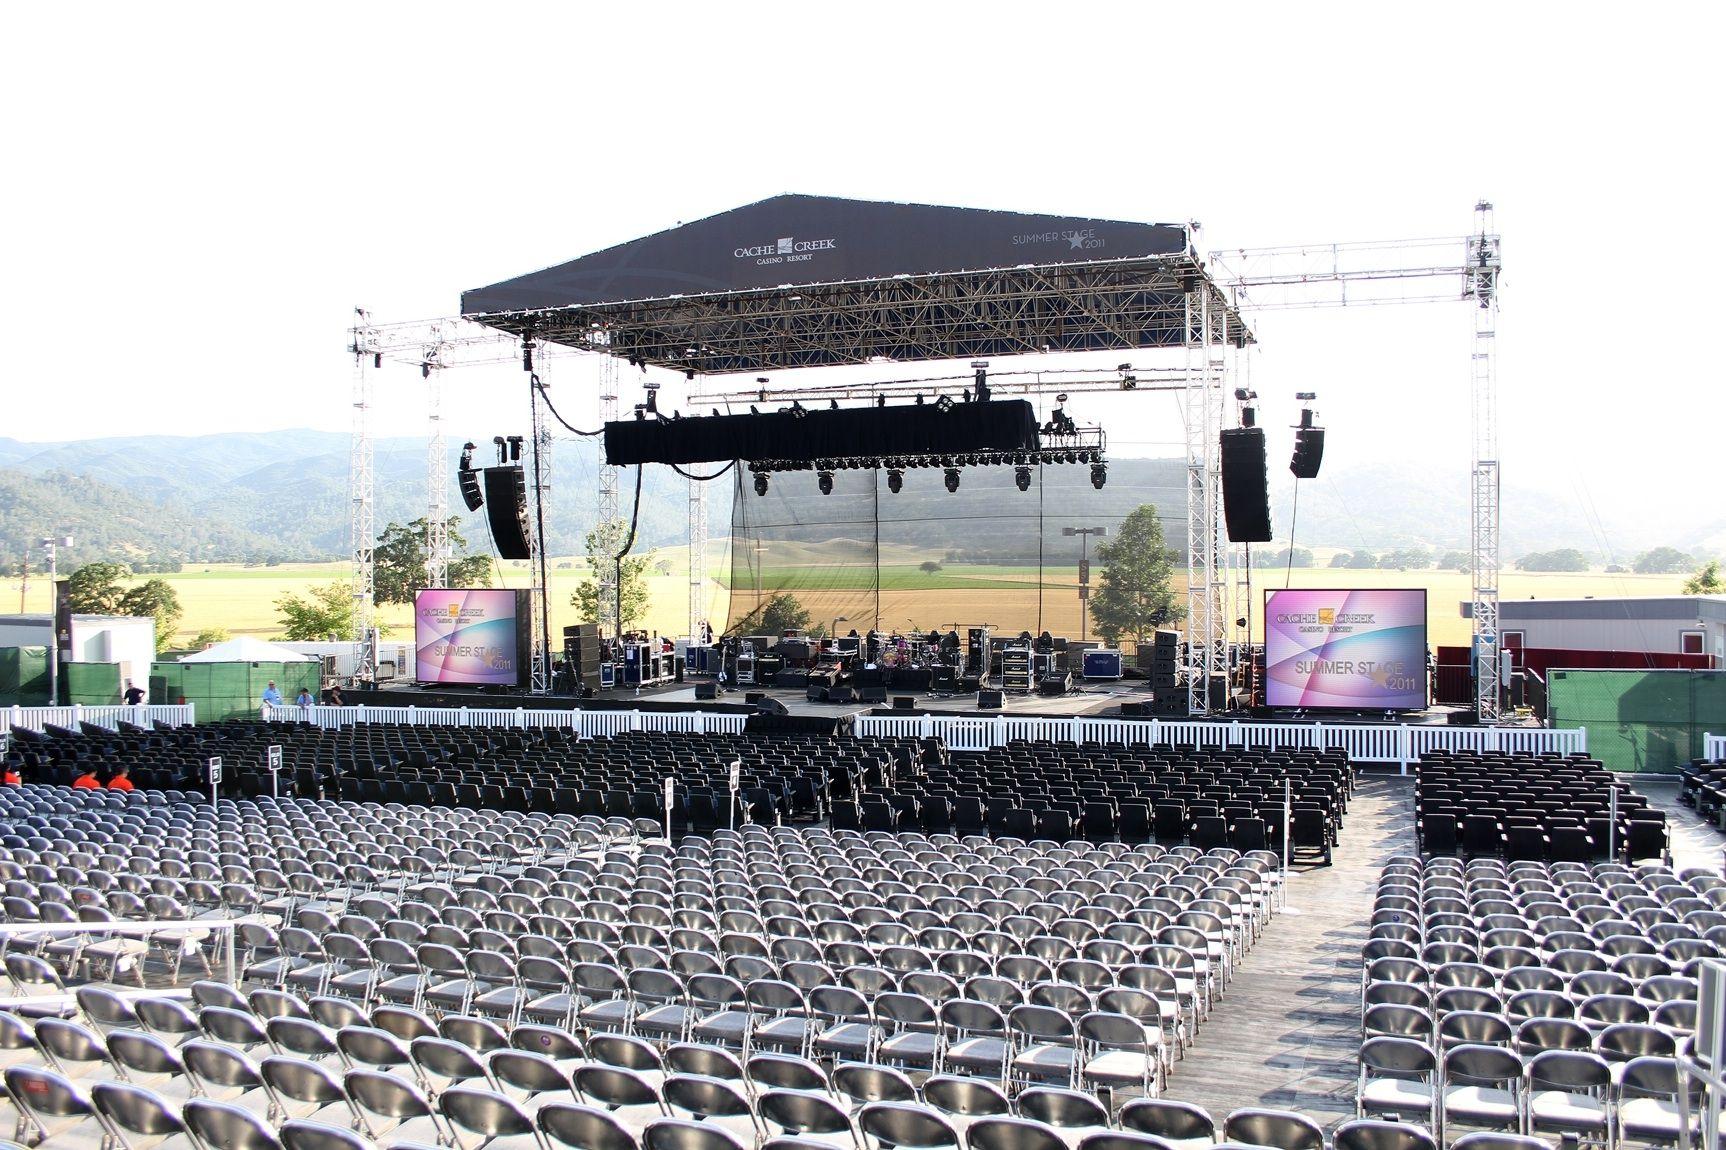 image result for live outdoor concert stage outdoor stage concert stage design concert. Black Bedroom Furniture Sets. Home Design Ideas